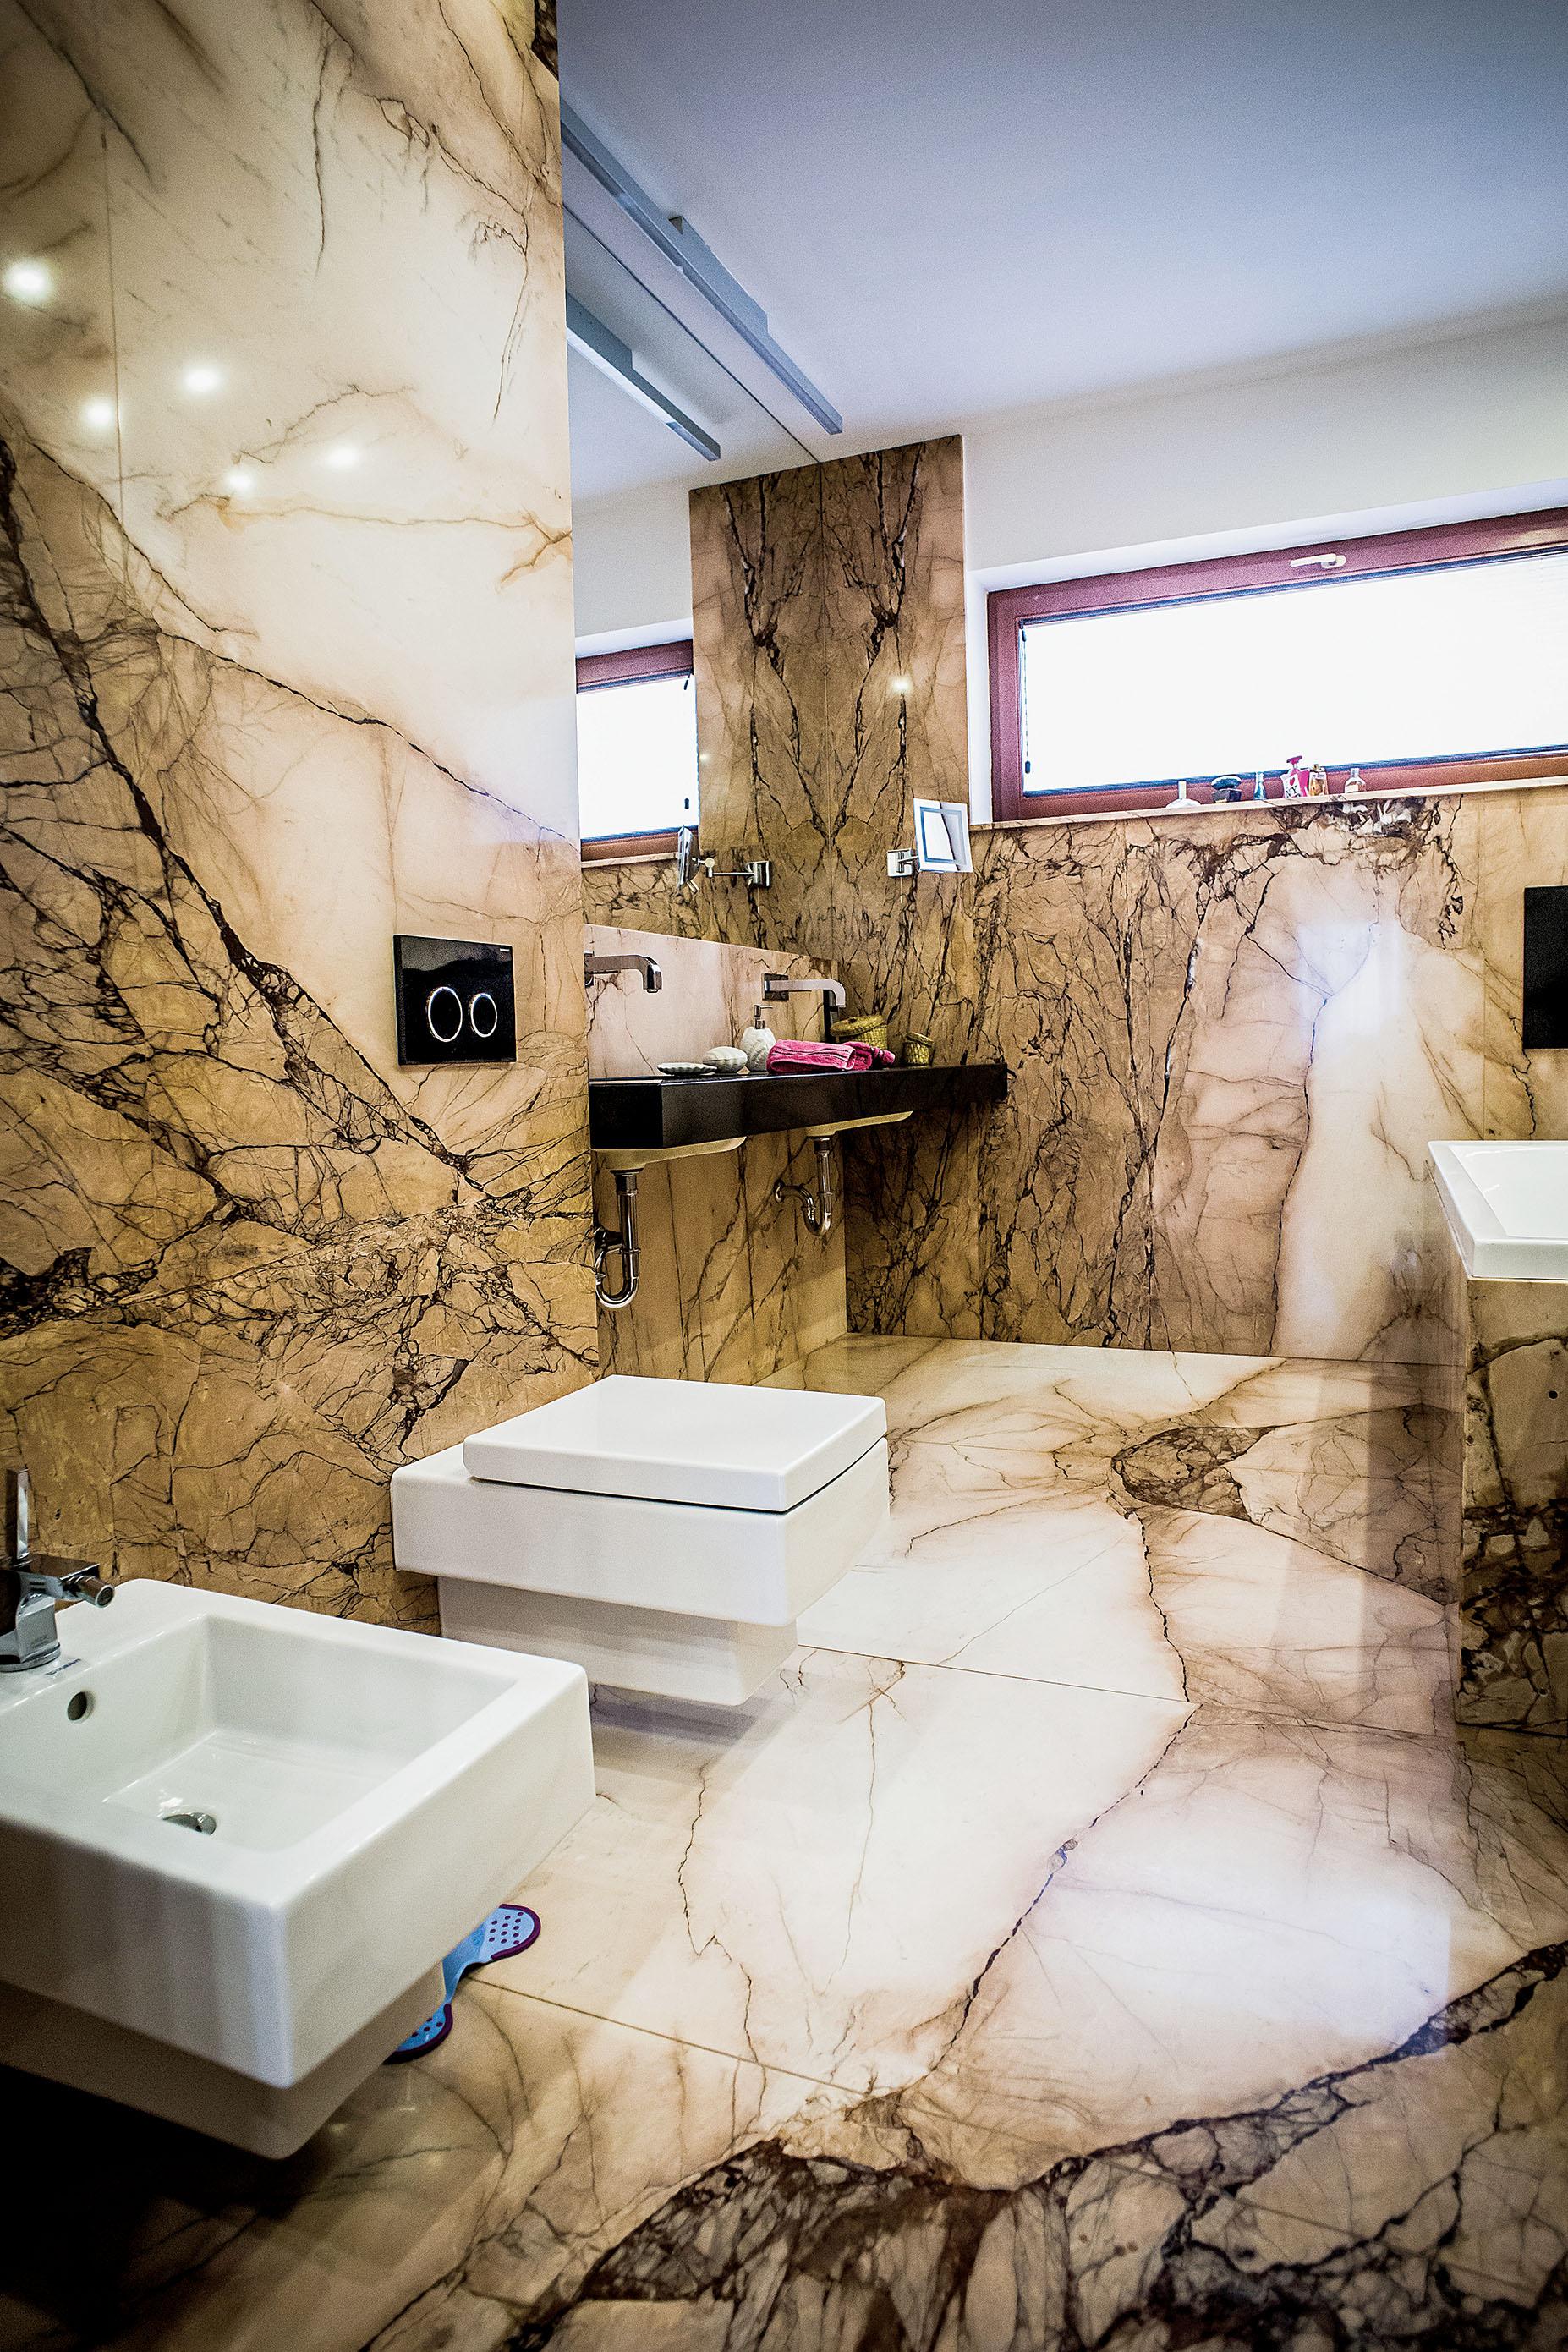 Szlachetny Kamień W łazience Werandapl